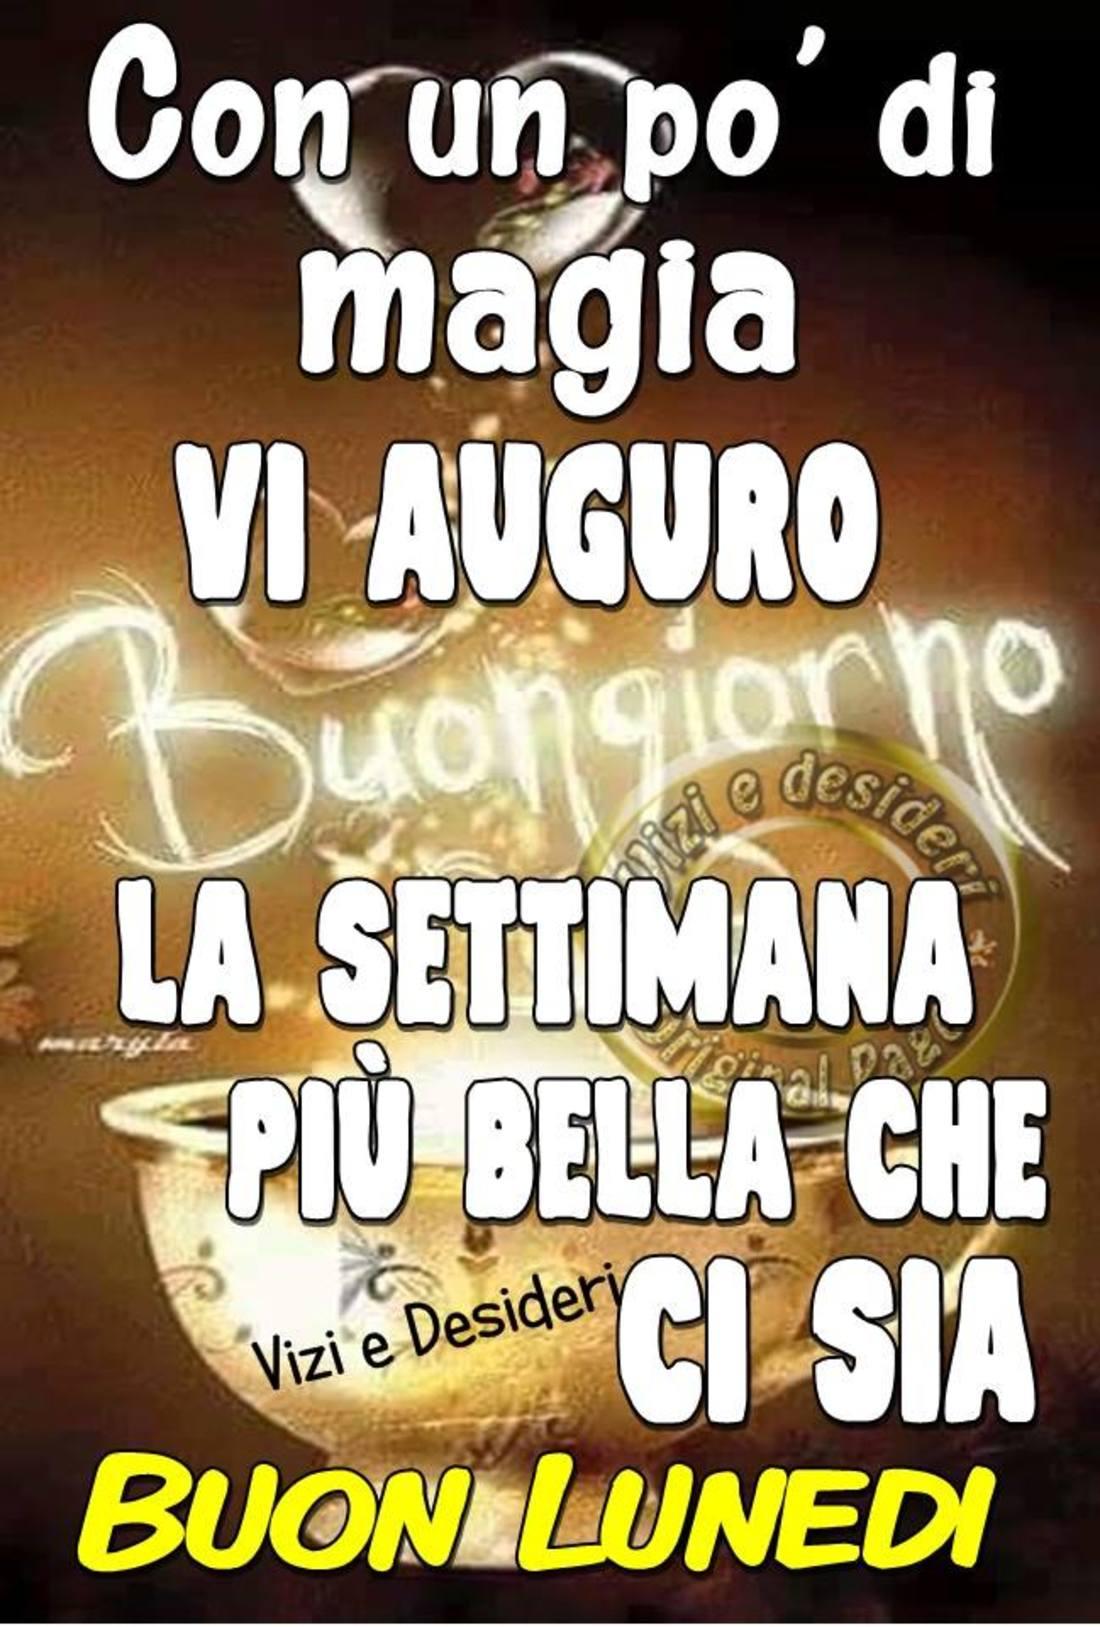 Buon Lunedi Divertente 4306 Buongiornissimocaffe It